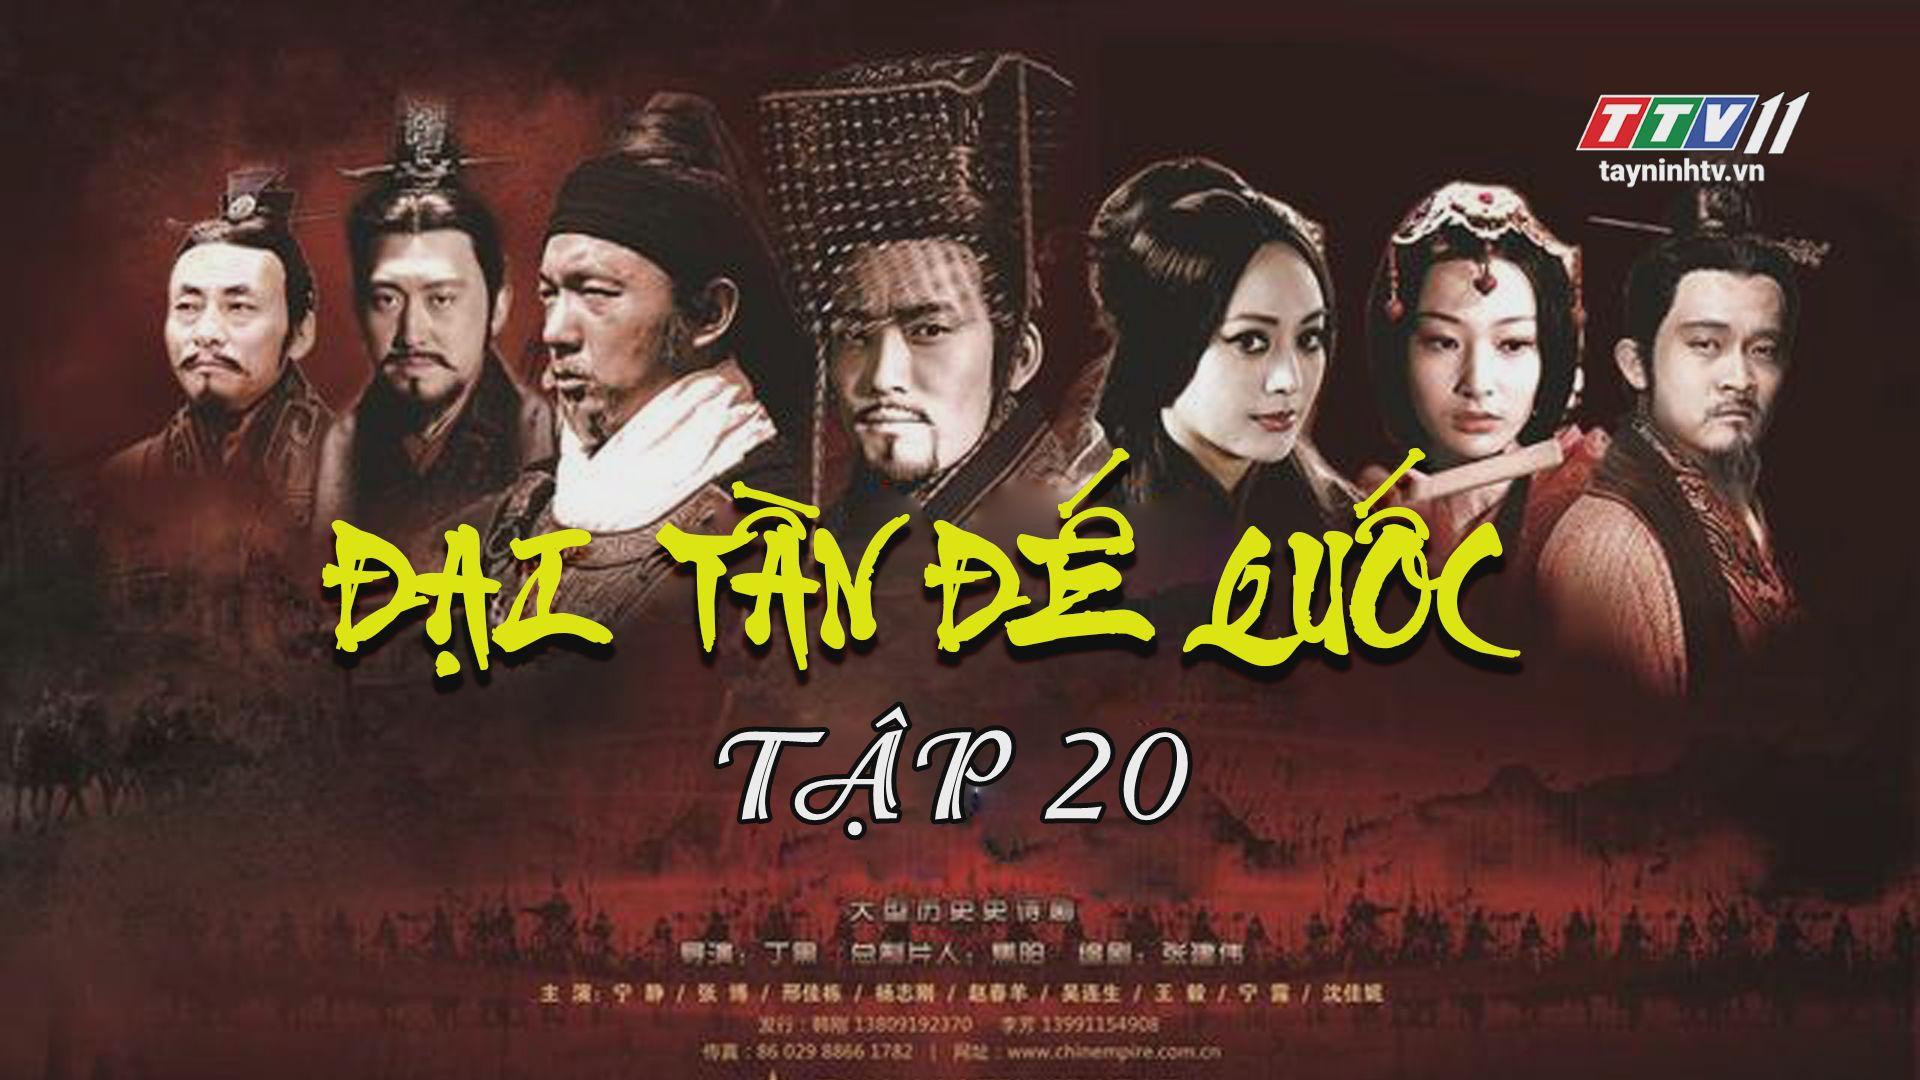 Tập 20 | ĐẠI TẦN ĐẾ QUỐC - Phần 3 | TayNinhTV